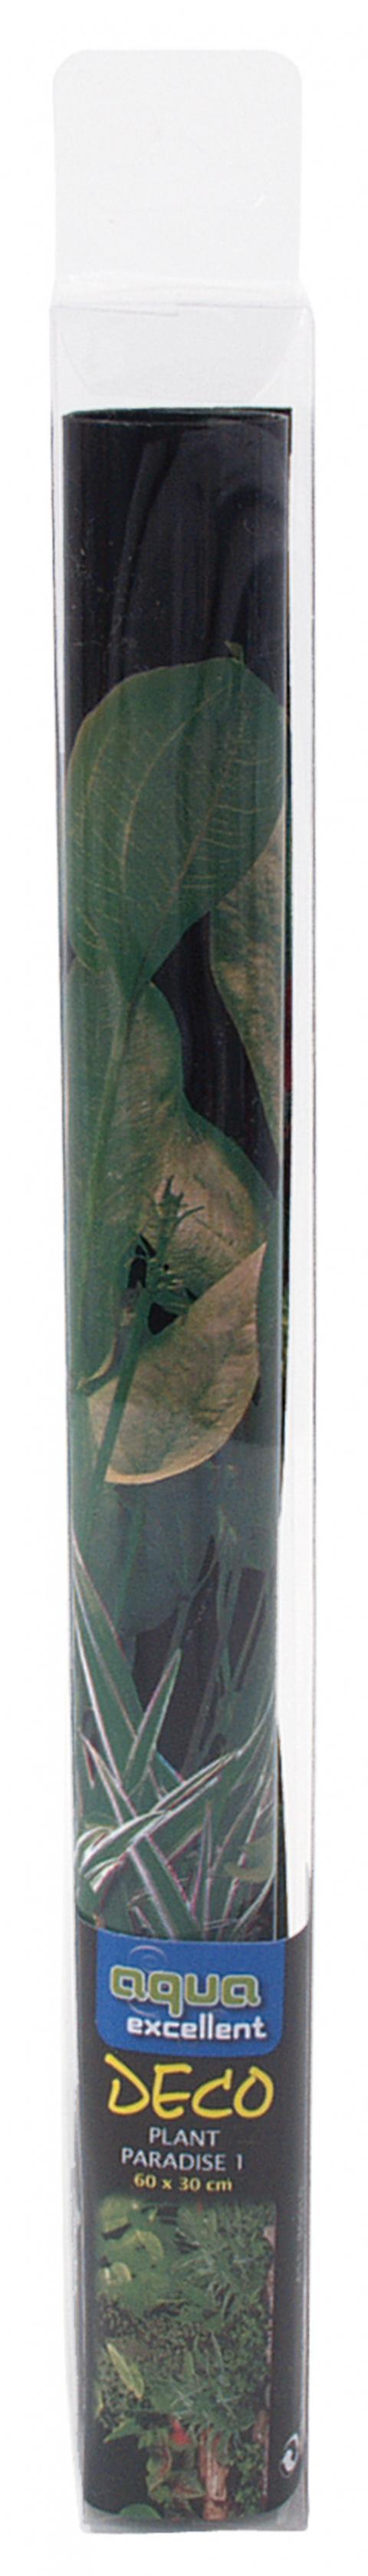 Фон для аквариума - Задний фон - Растения 80*40cm